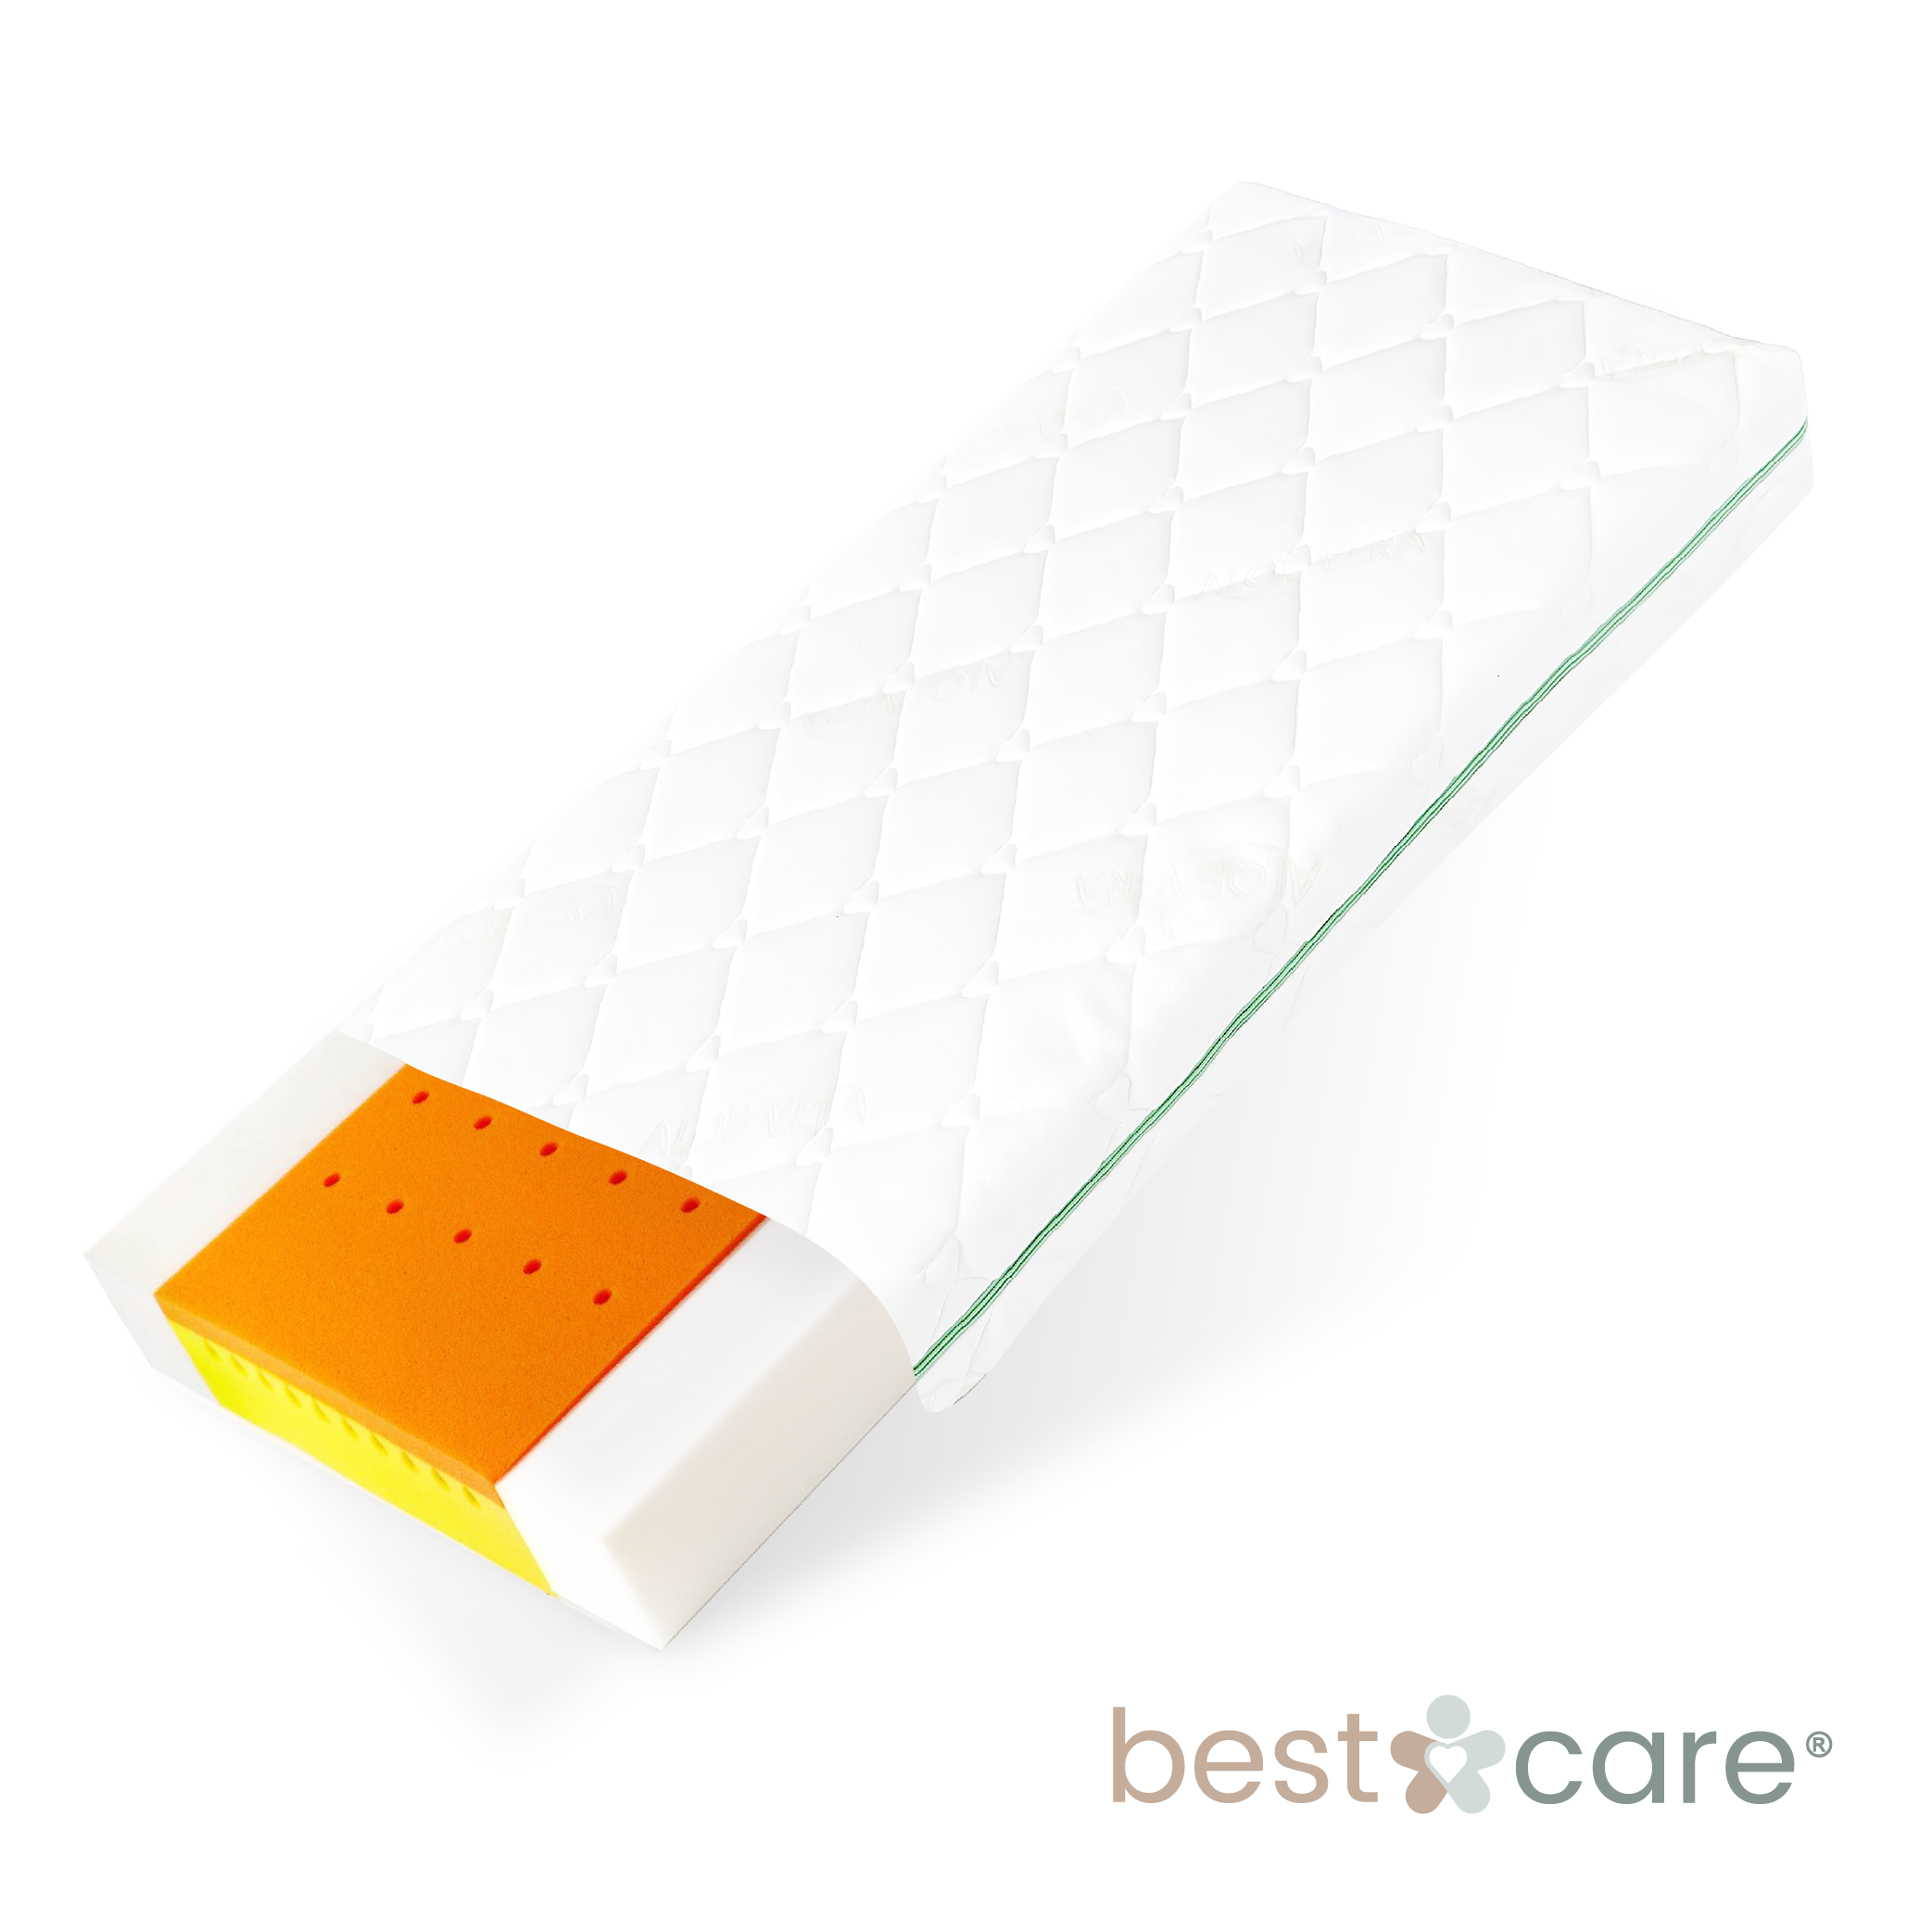 Colch/ón de espuma transpirable acolchado e impermeable para cuna de beb/é de 80 x 40 cm